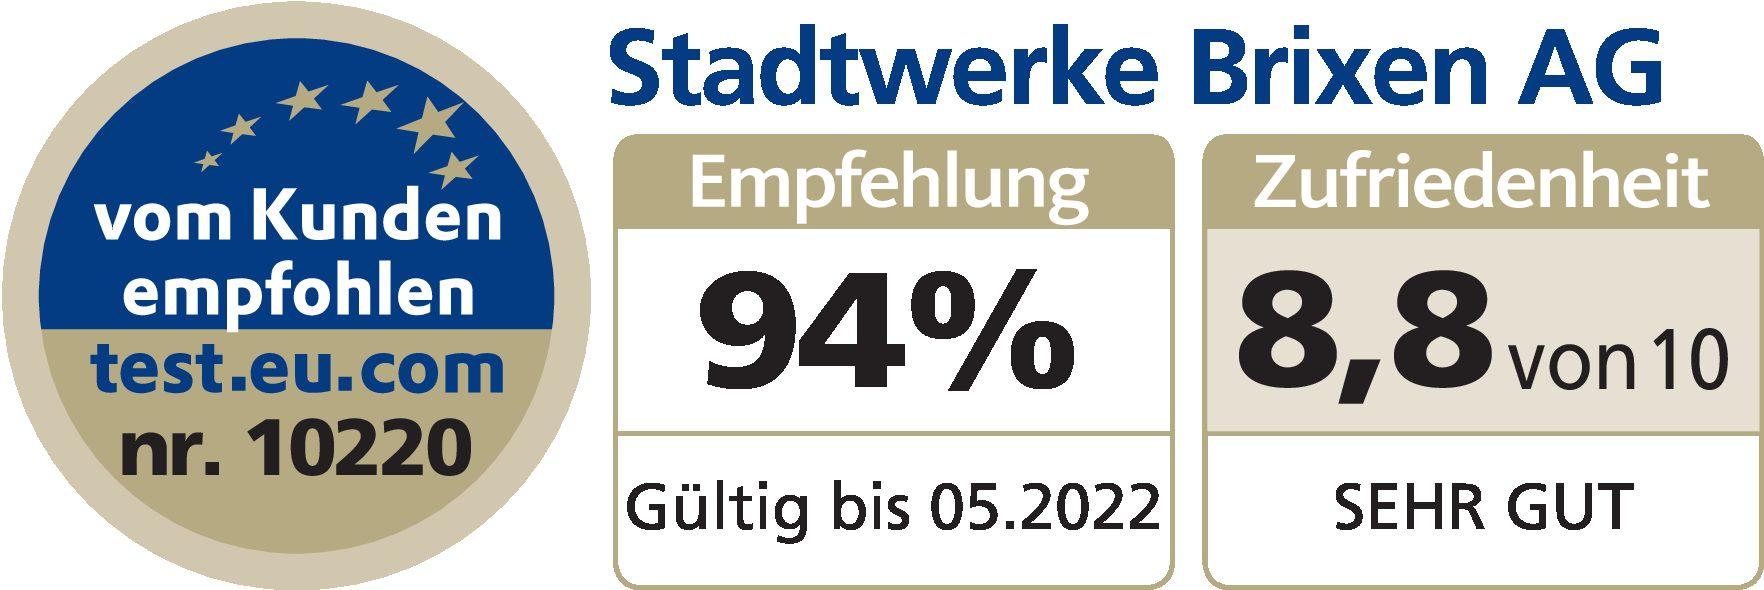 Stadtwerke Brixen